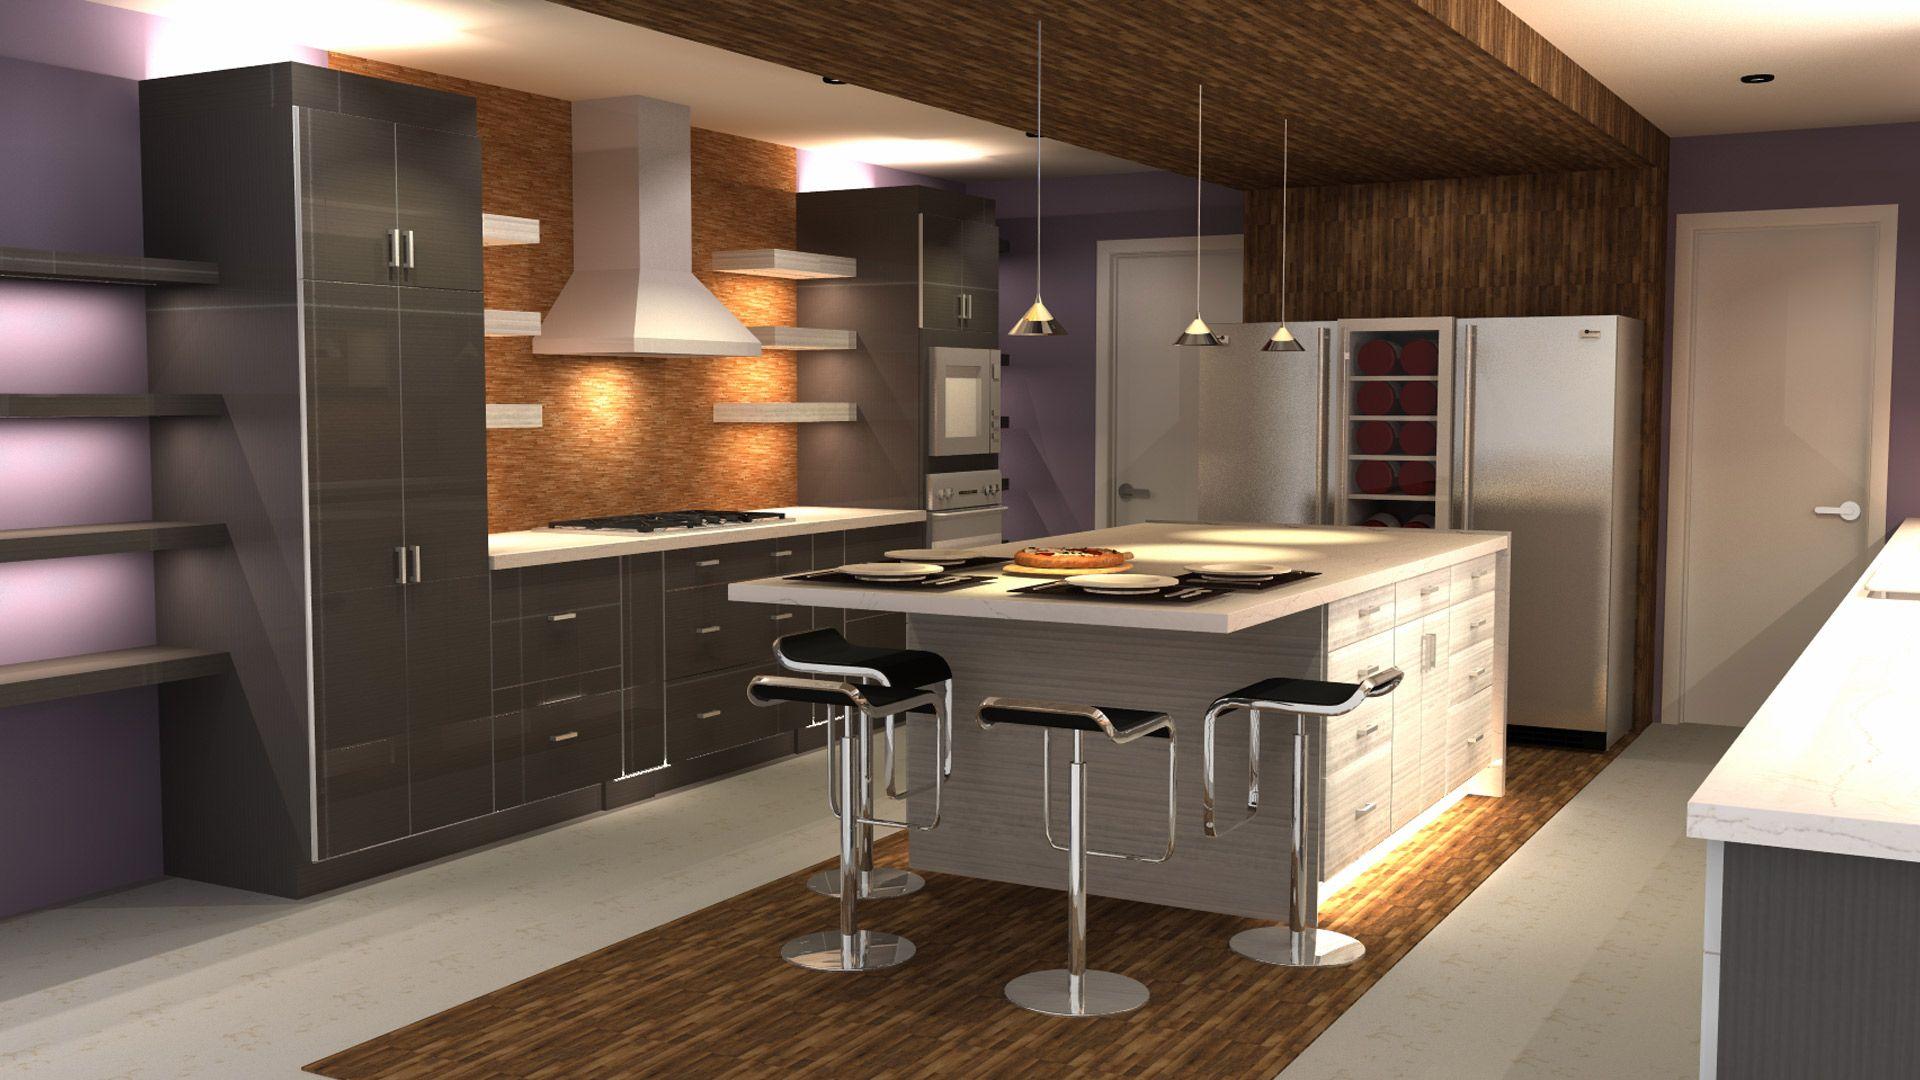 2020 Design Inspiration Awards 2016 Gallery 2020 Contemporary Kitchen Design New Kitchen Designs Kitchen Inspiration Design